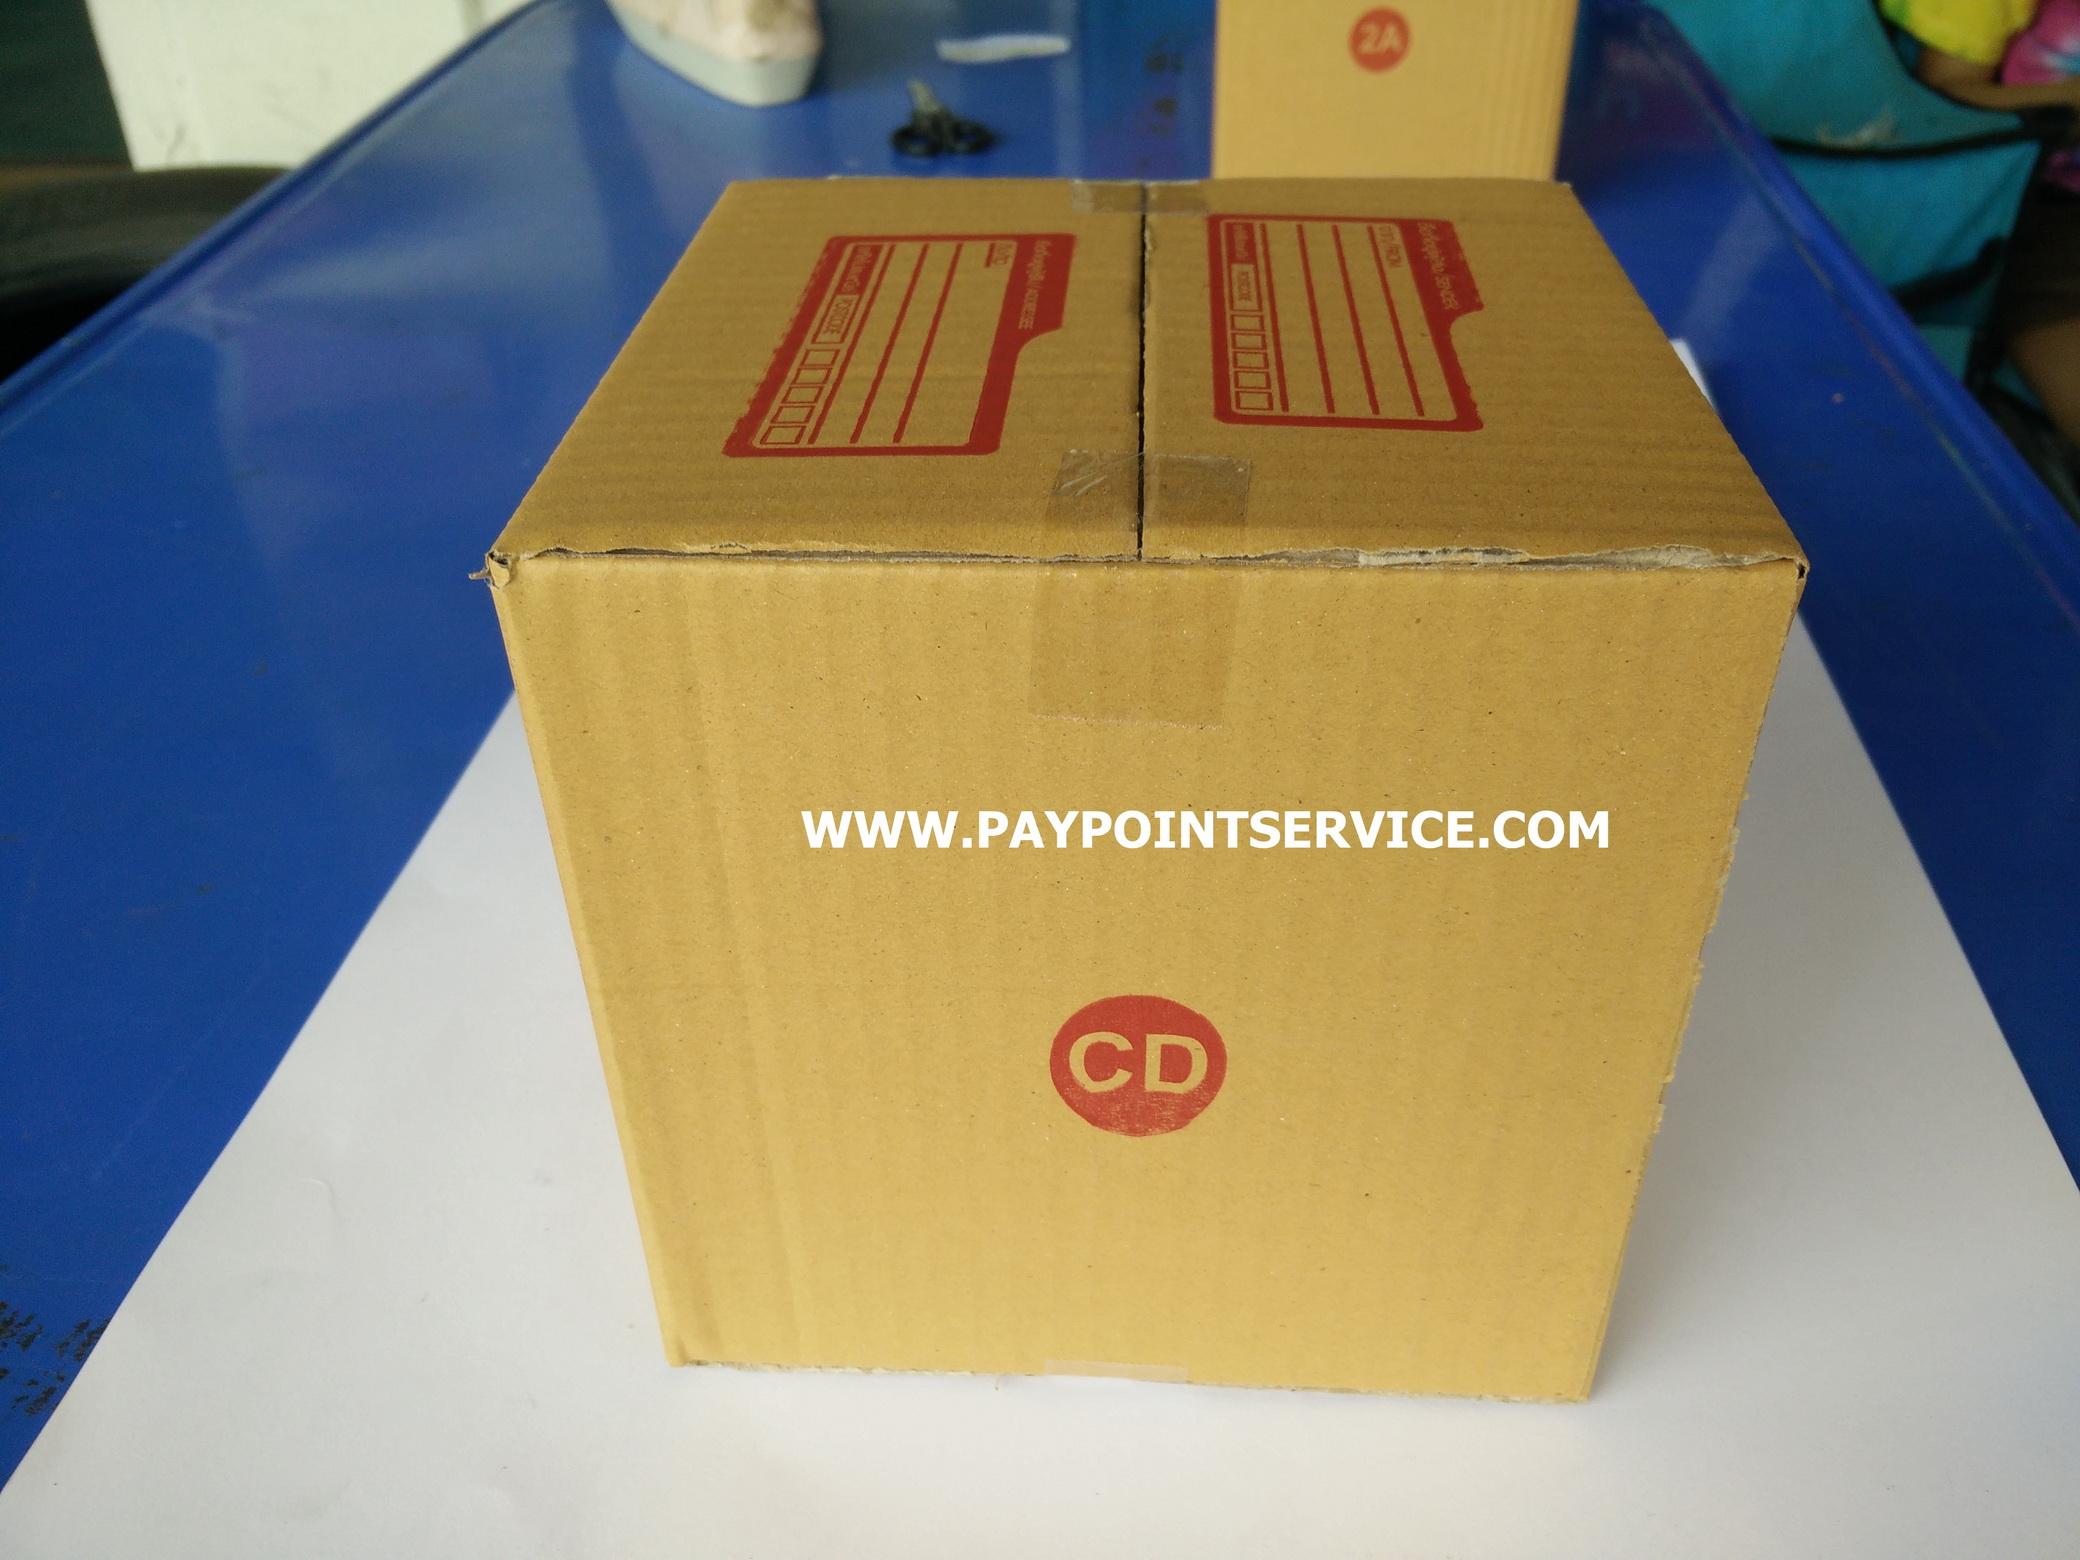 กล่องไปรษณีย์ฝาชน เบอร์ CD ขนาด 15x15x15 เซนติเมตร